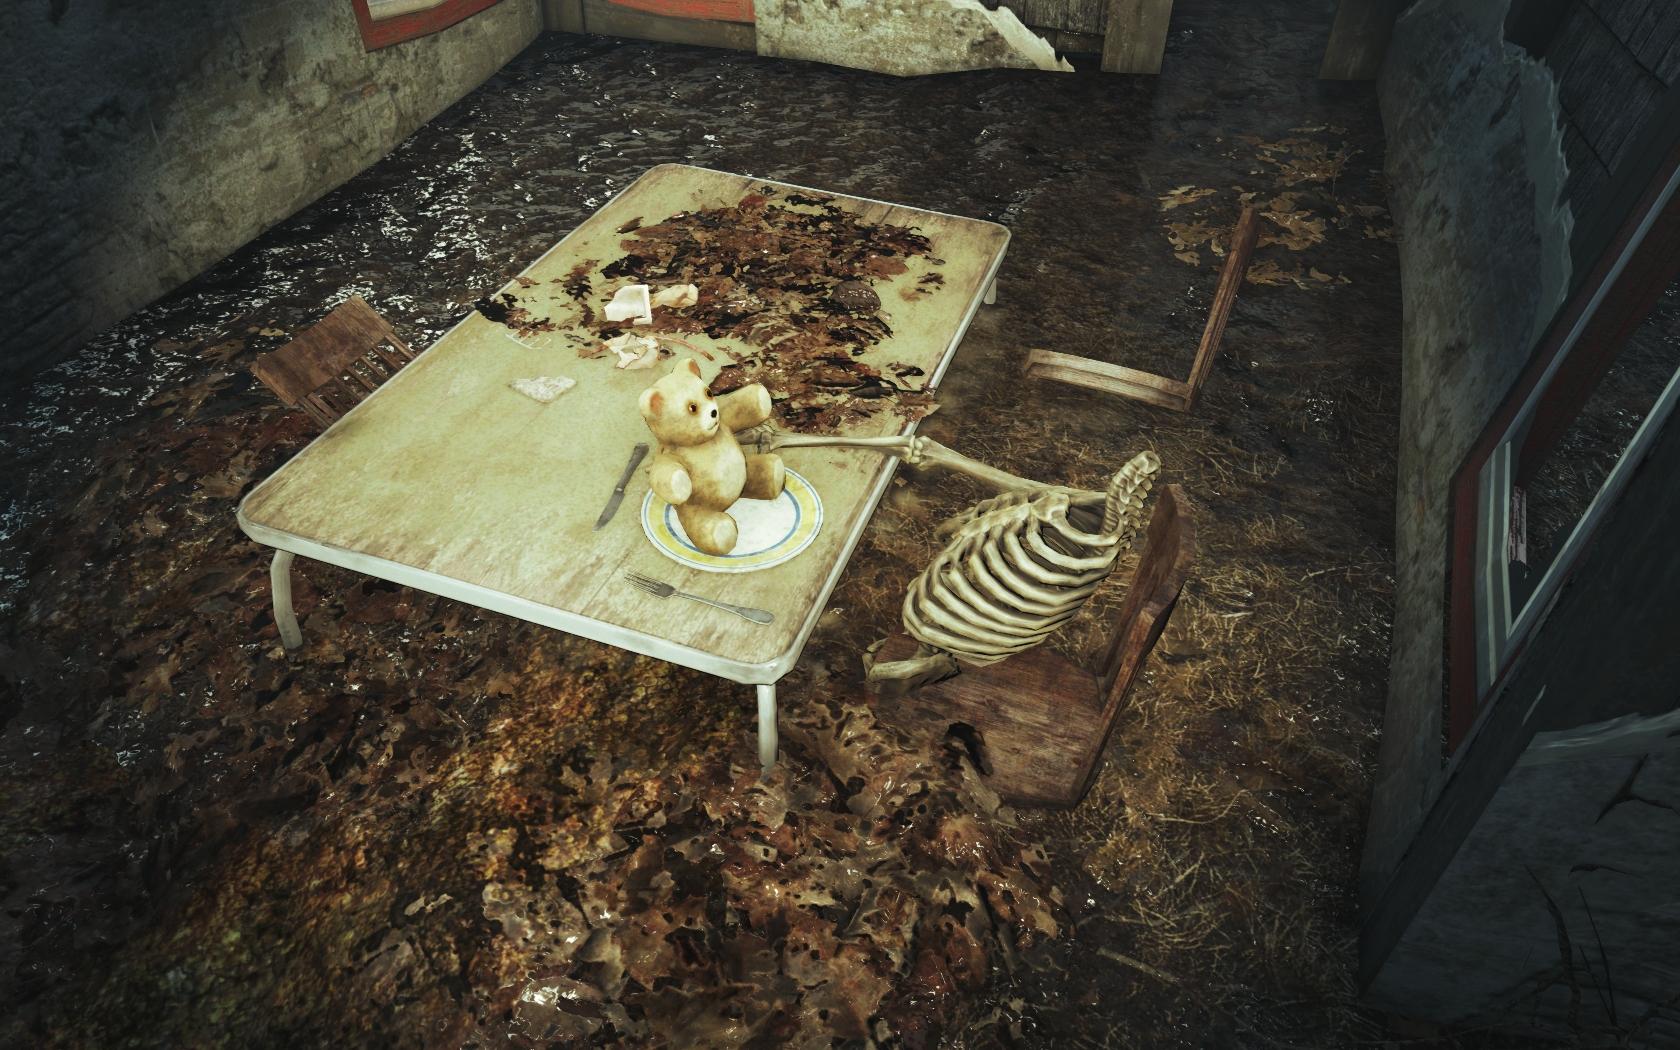 Неудавшаяся трапеза (Фар-Харбор, окрестности Океанариума) v2 - Fallout 4 Океанариум, скелет